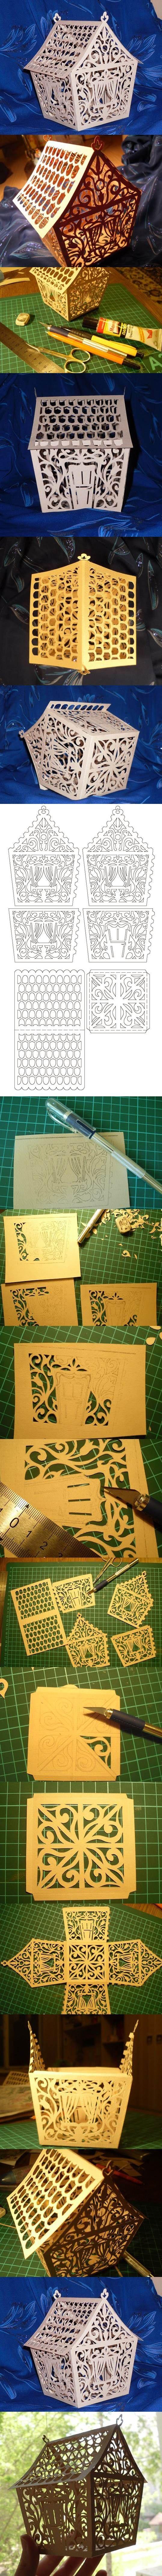 DIY Openwork Paper House | iCreativeIdeas.com LIKE Us on Facebook ==> https://www.facebook.com/icreativeideas